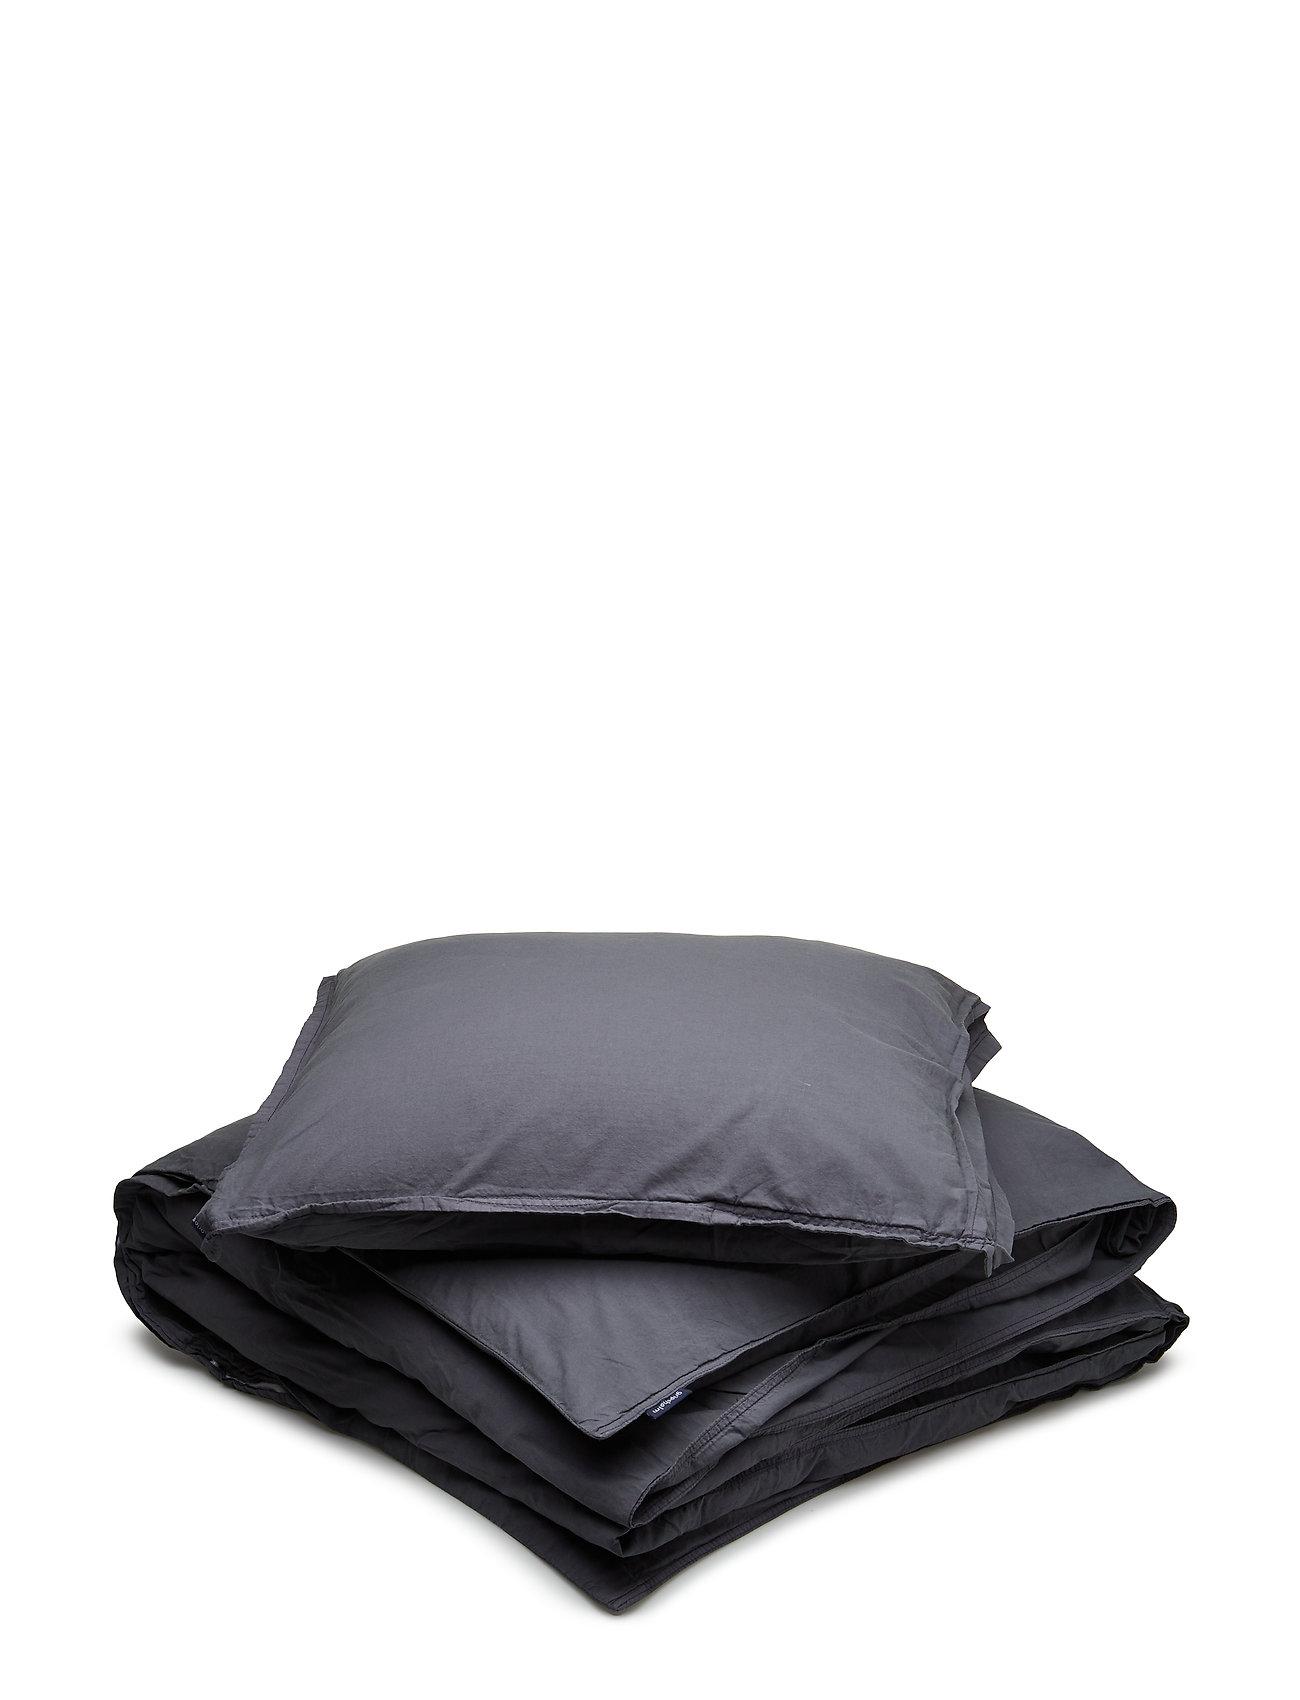 Quilt BlueGripsholm Linen sizeombre K Cover hQtrBsdCx